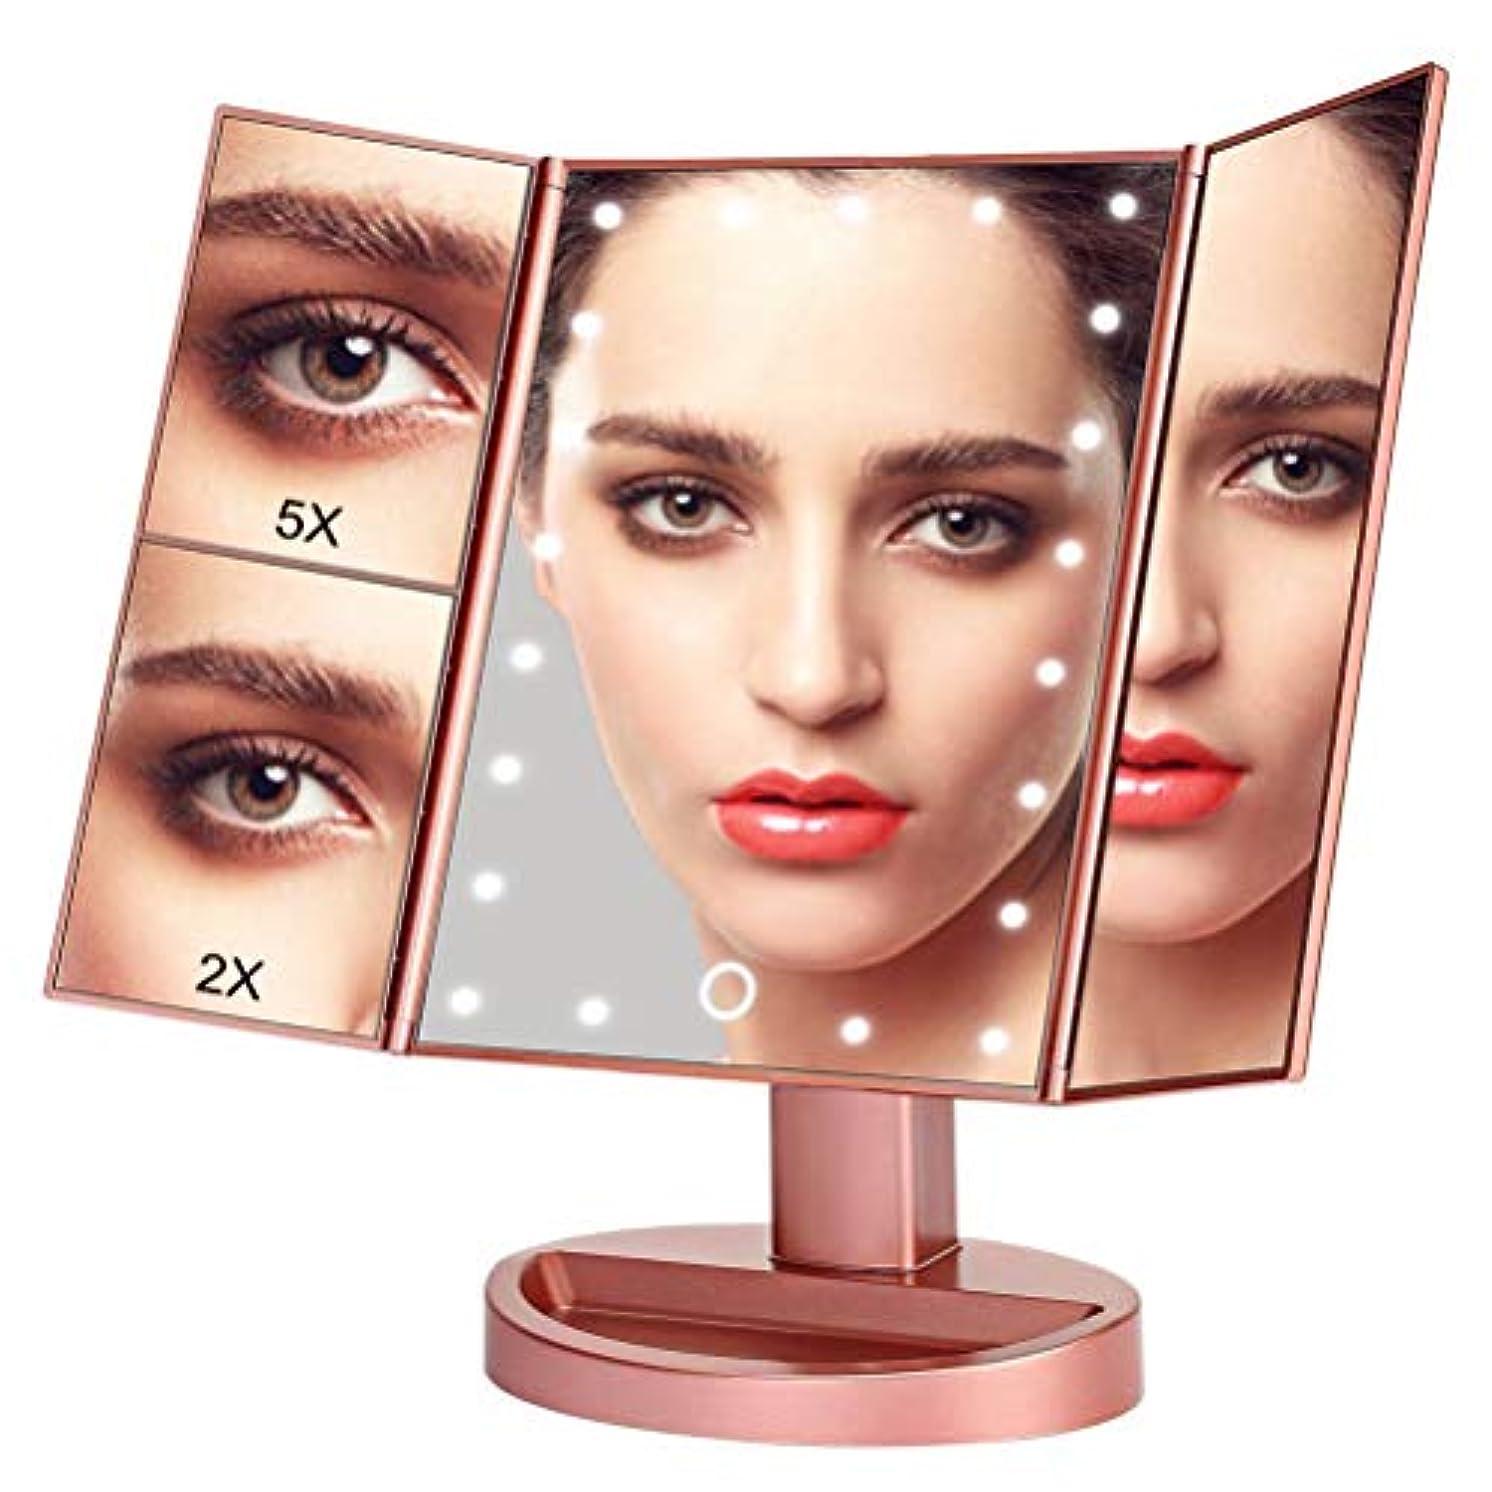 アイドルフィクションヒューズOKISS 三面鏡 LED化粧鏡 卓上 ミラー 女優 鏡 2倍と5倍拡大鏡付き 明るさ調節可能 折り畳み式 180°回転 USB/単4電池給電 (LED三面鏡2)